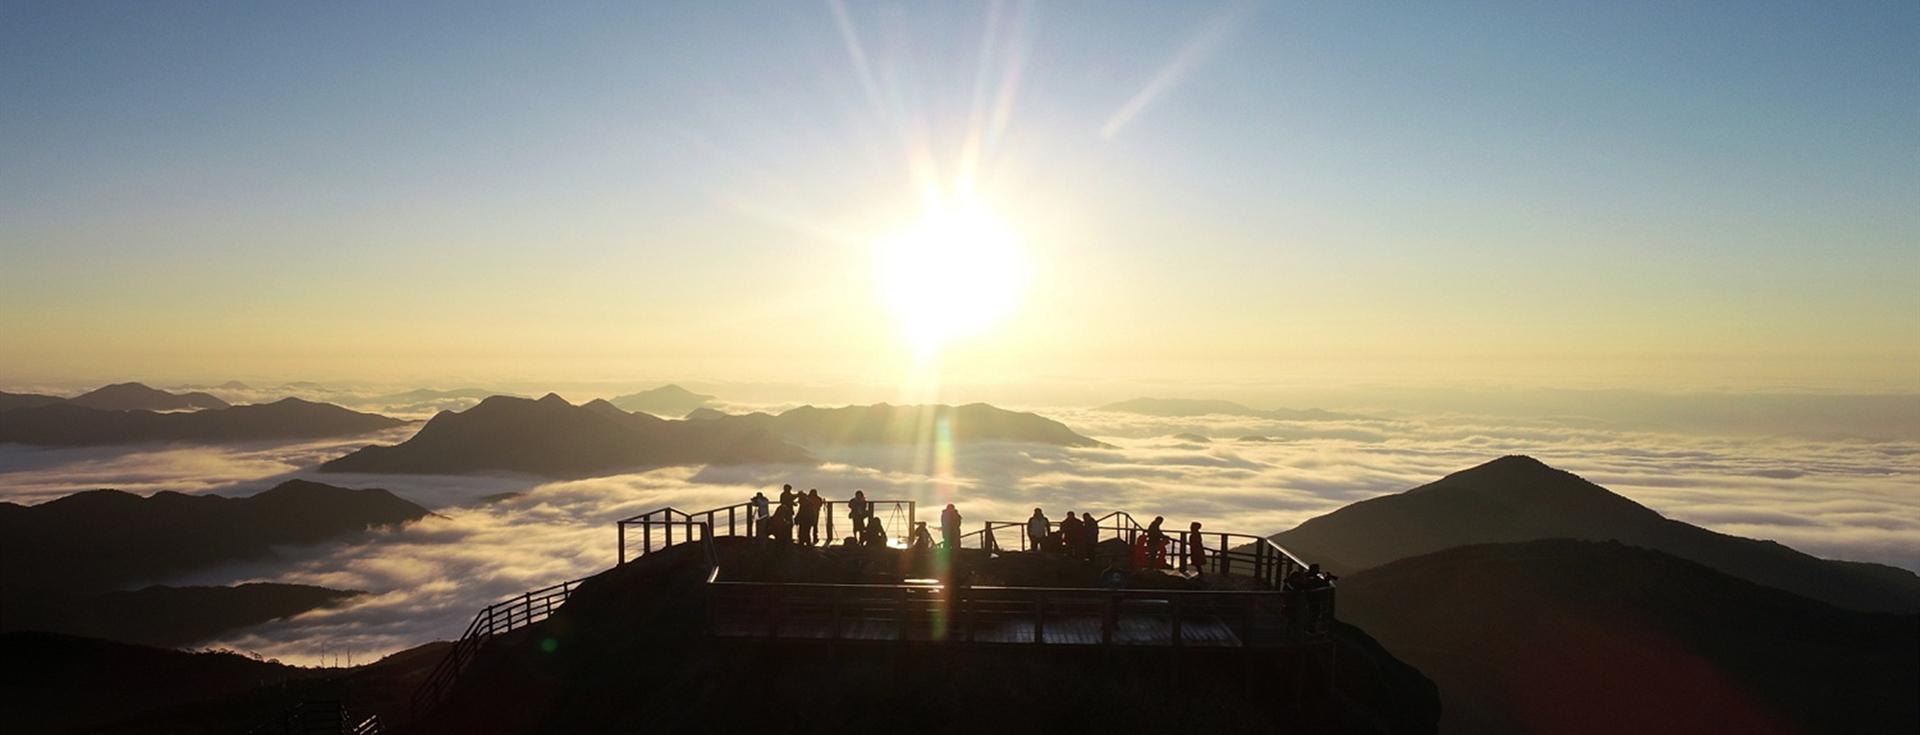 Dehua Shiniu Mountain